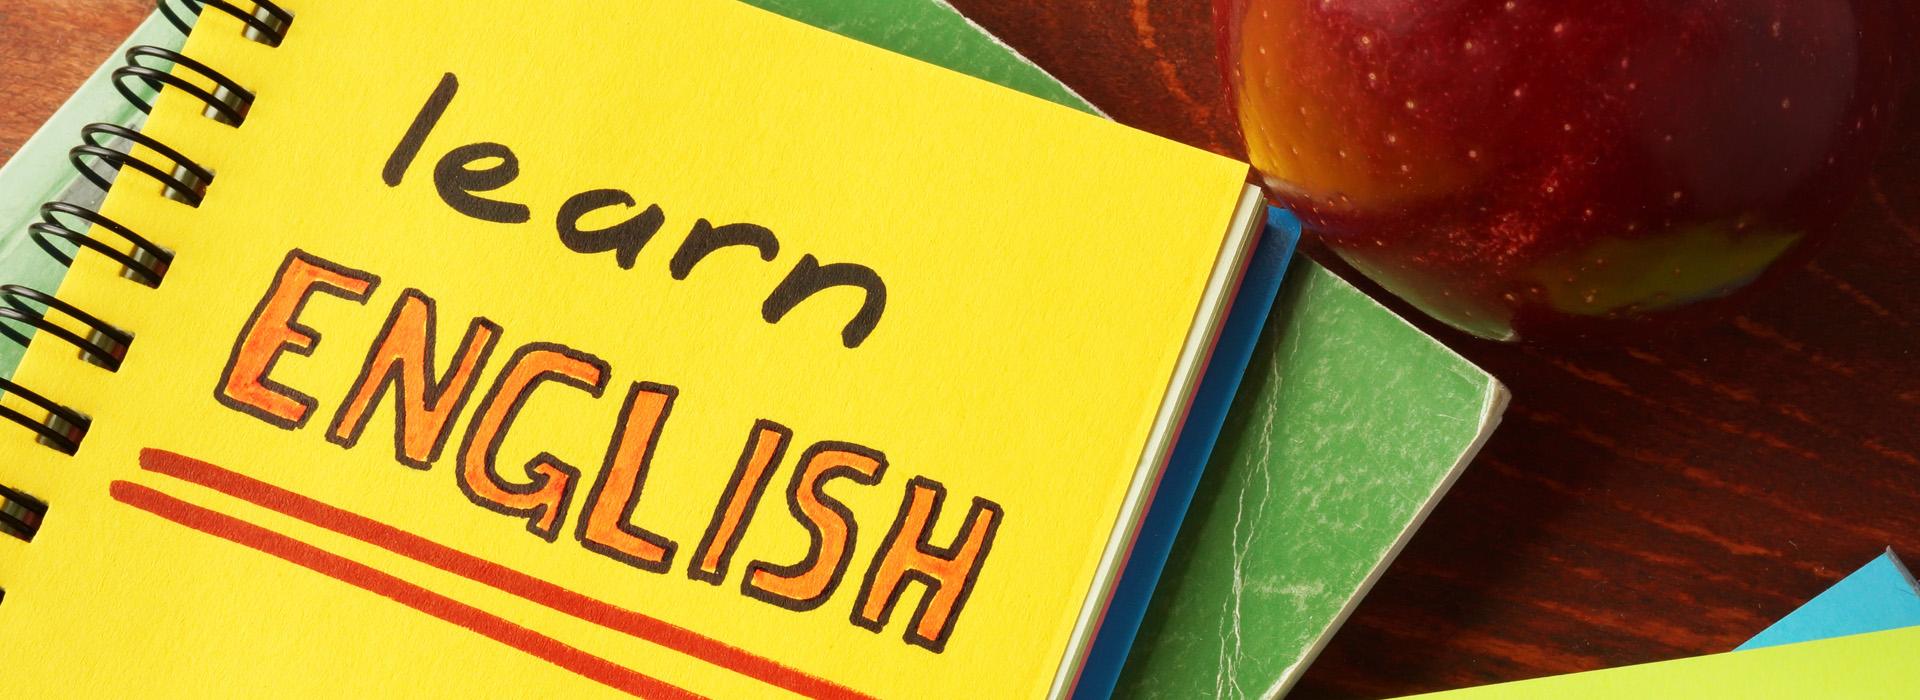 FYI、RSVP是什麼意思?你認識這十個網路時代經常出現的英文縮寫嗎?